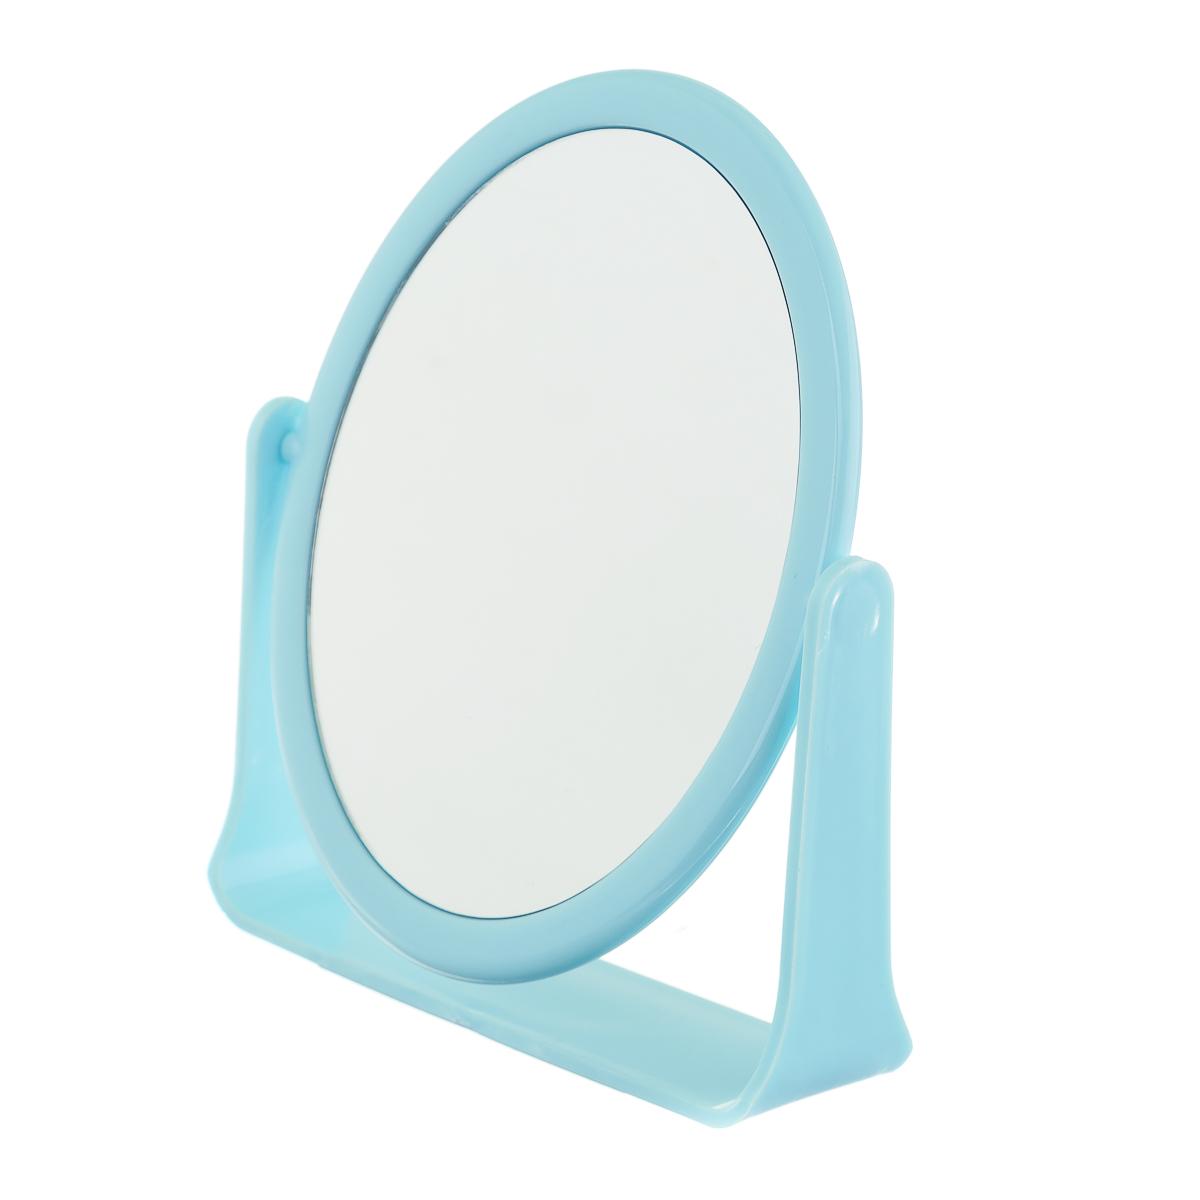 Зеркало настольное круглое  20 см в разных цветах